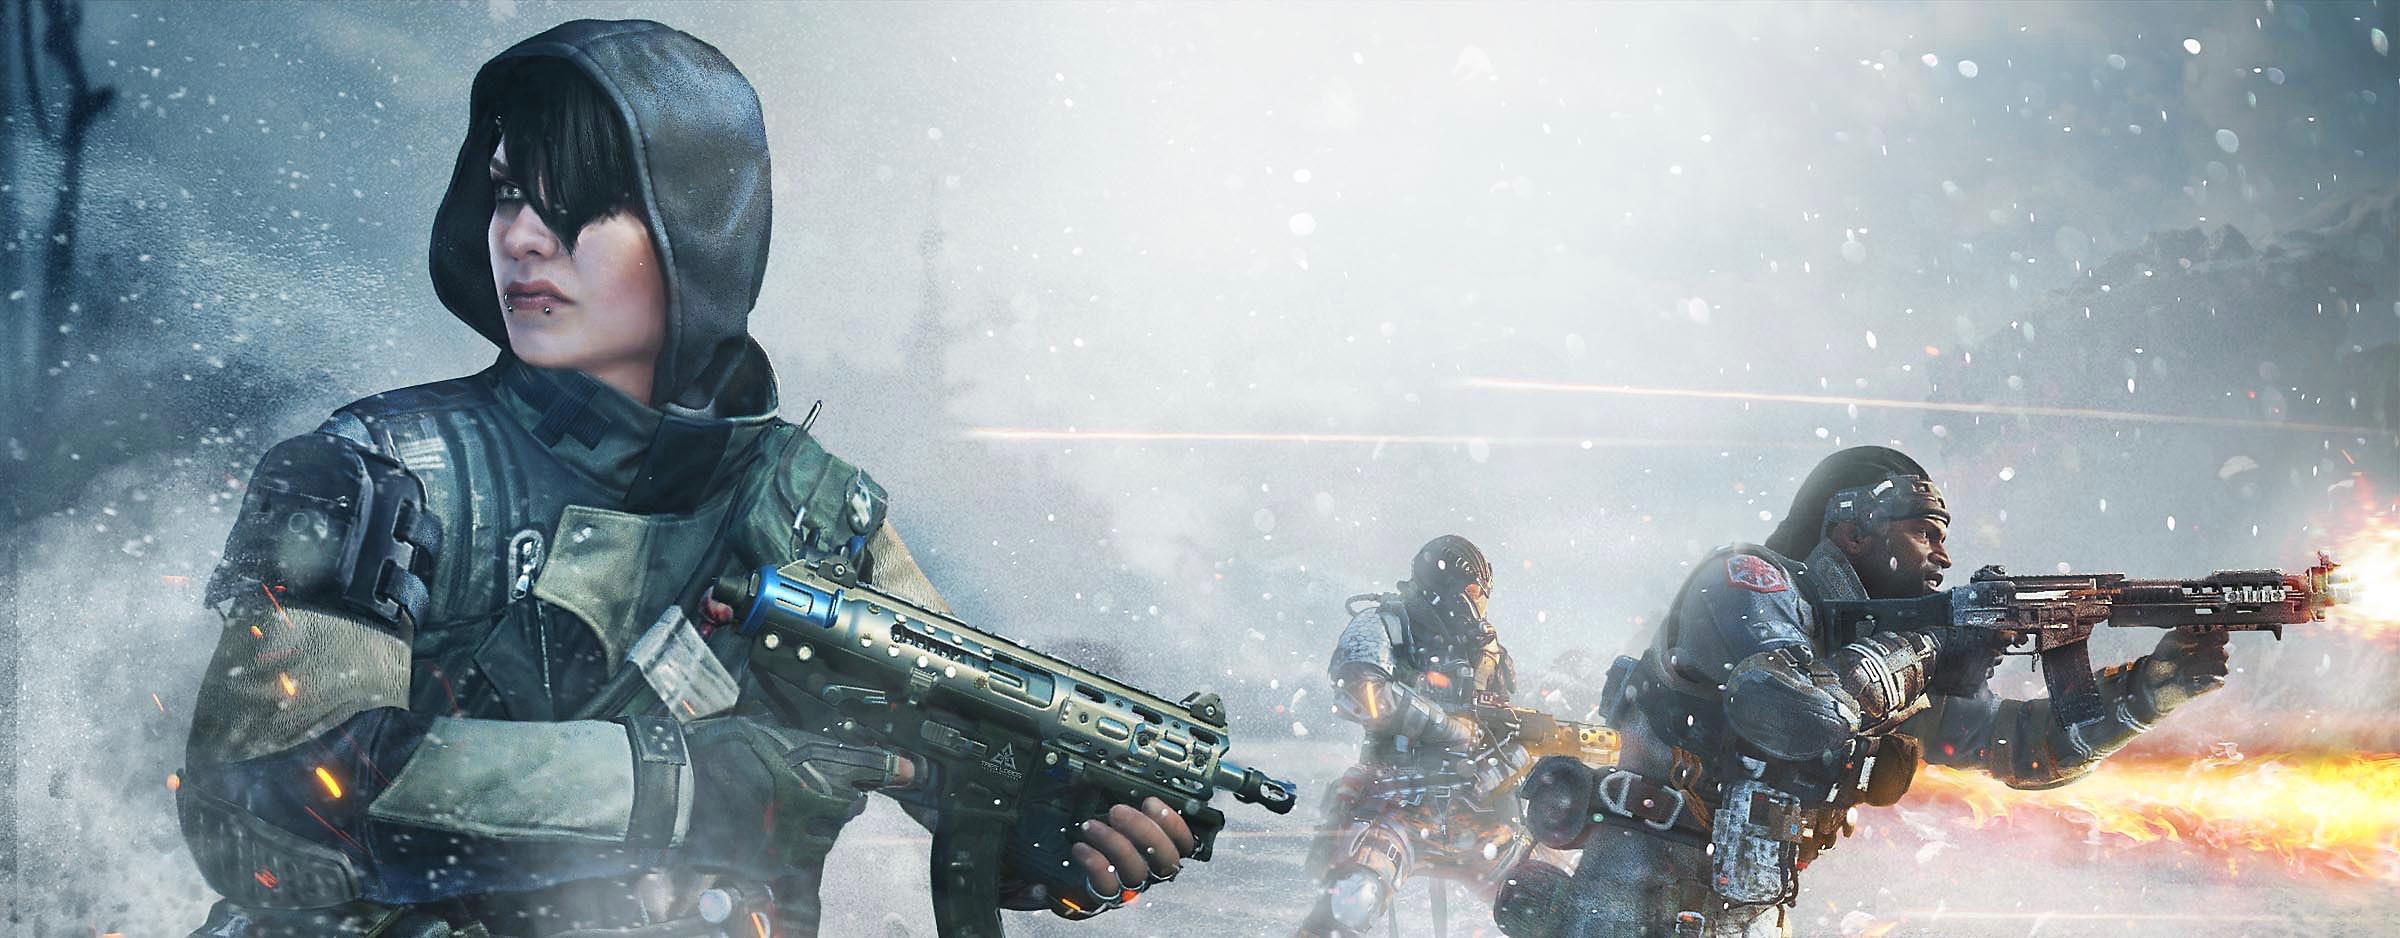 Neue Spezialistin ist so stark, dass Black Ops 4 voller kalter Tränen ist